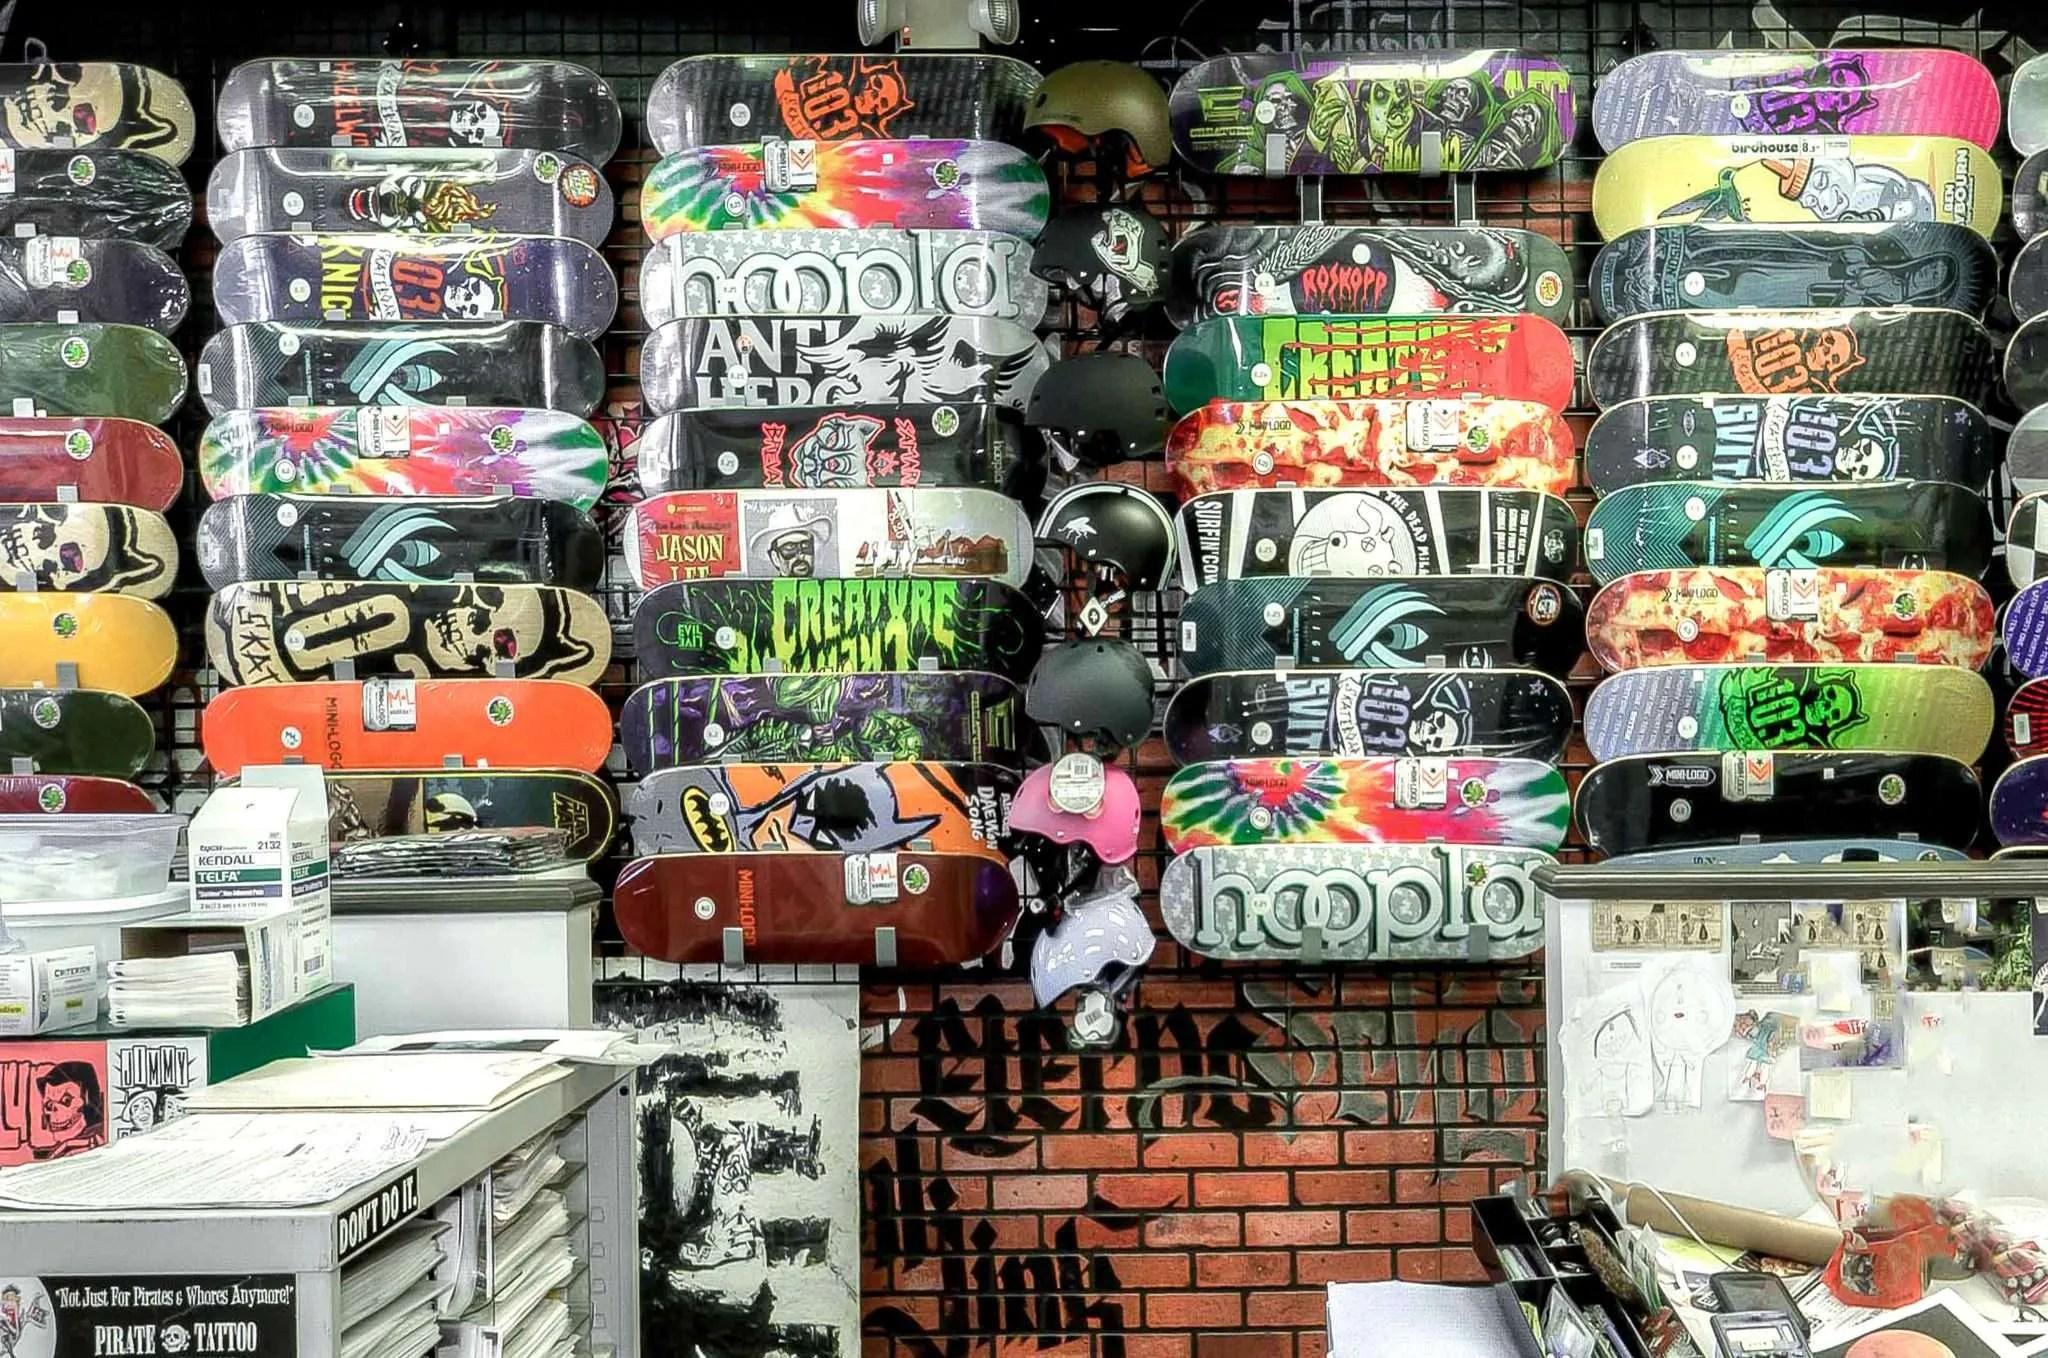 More Skate Decks